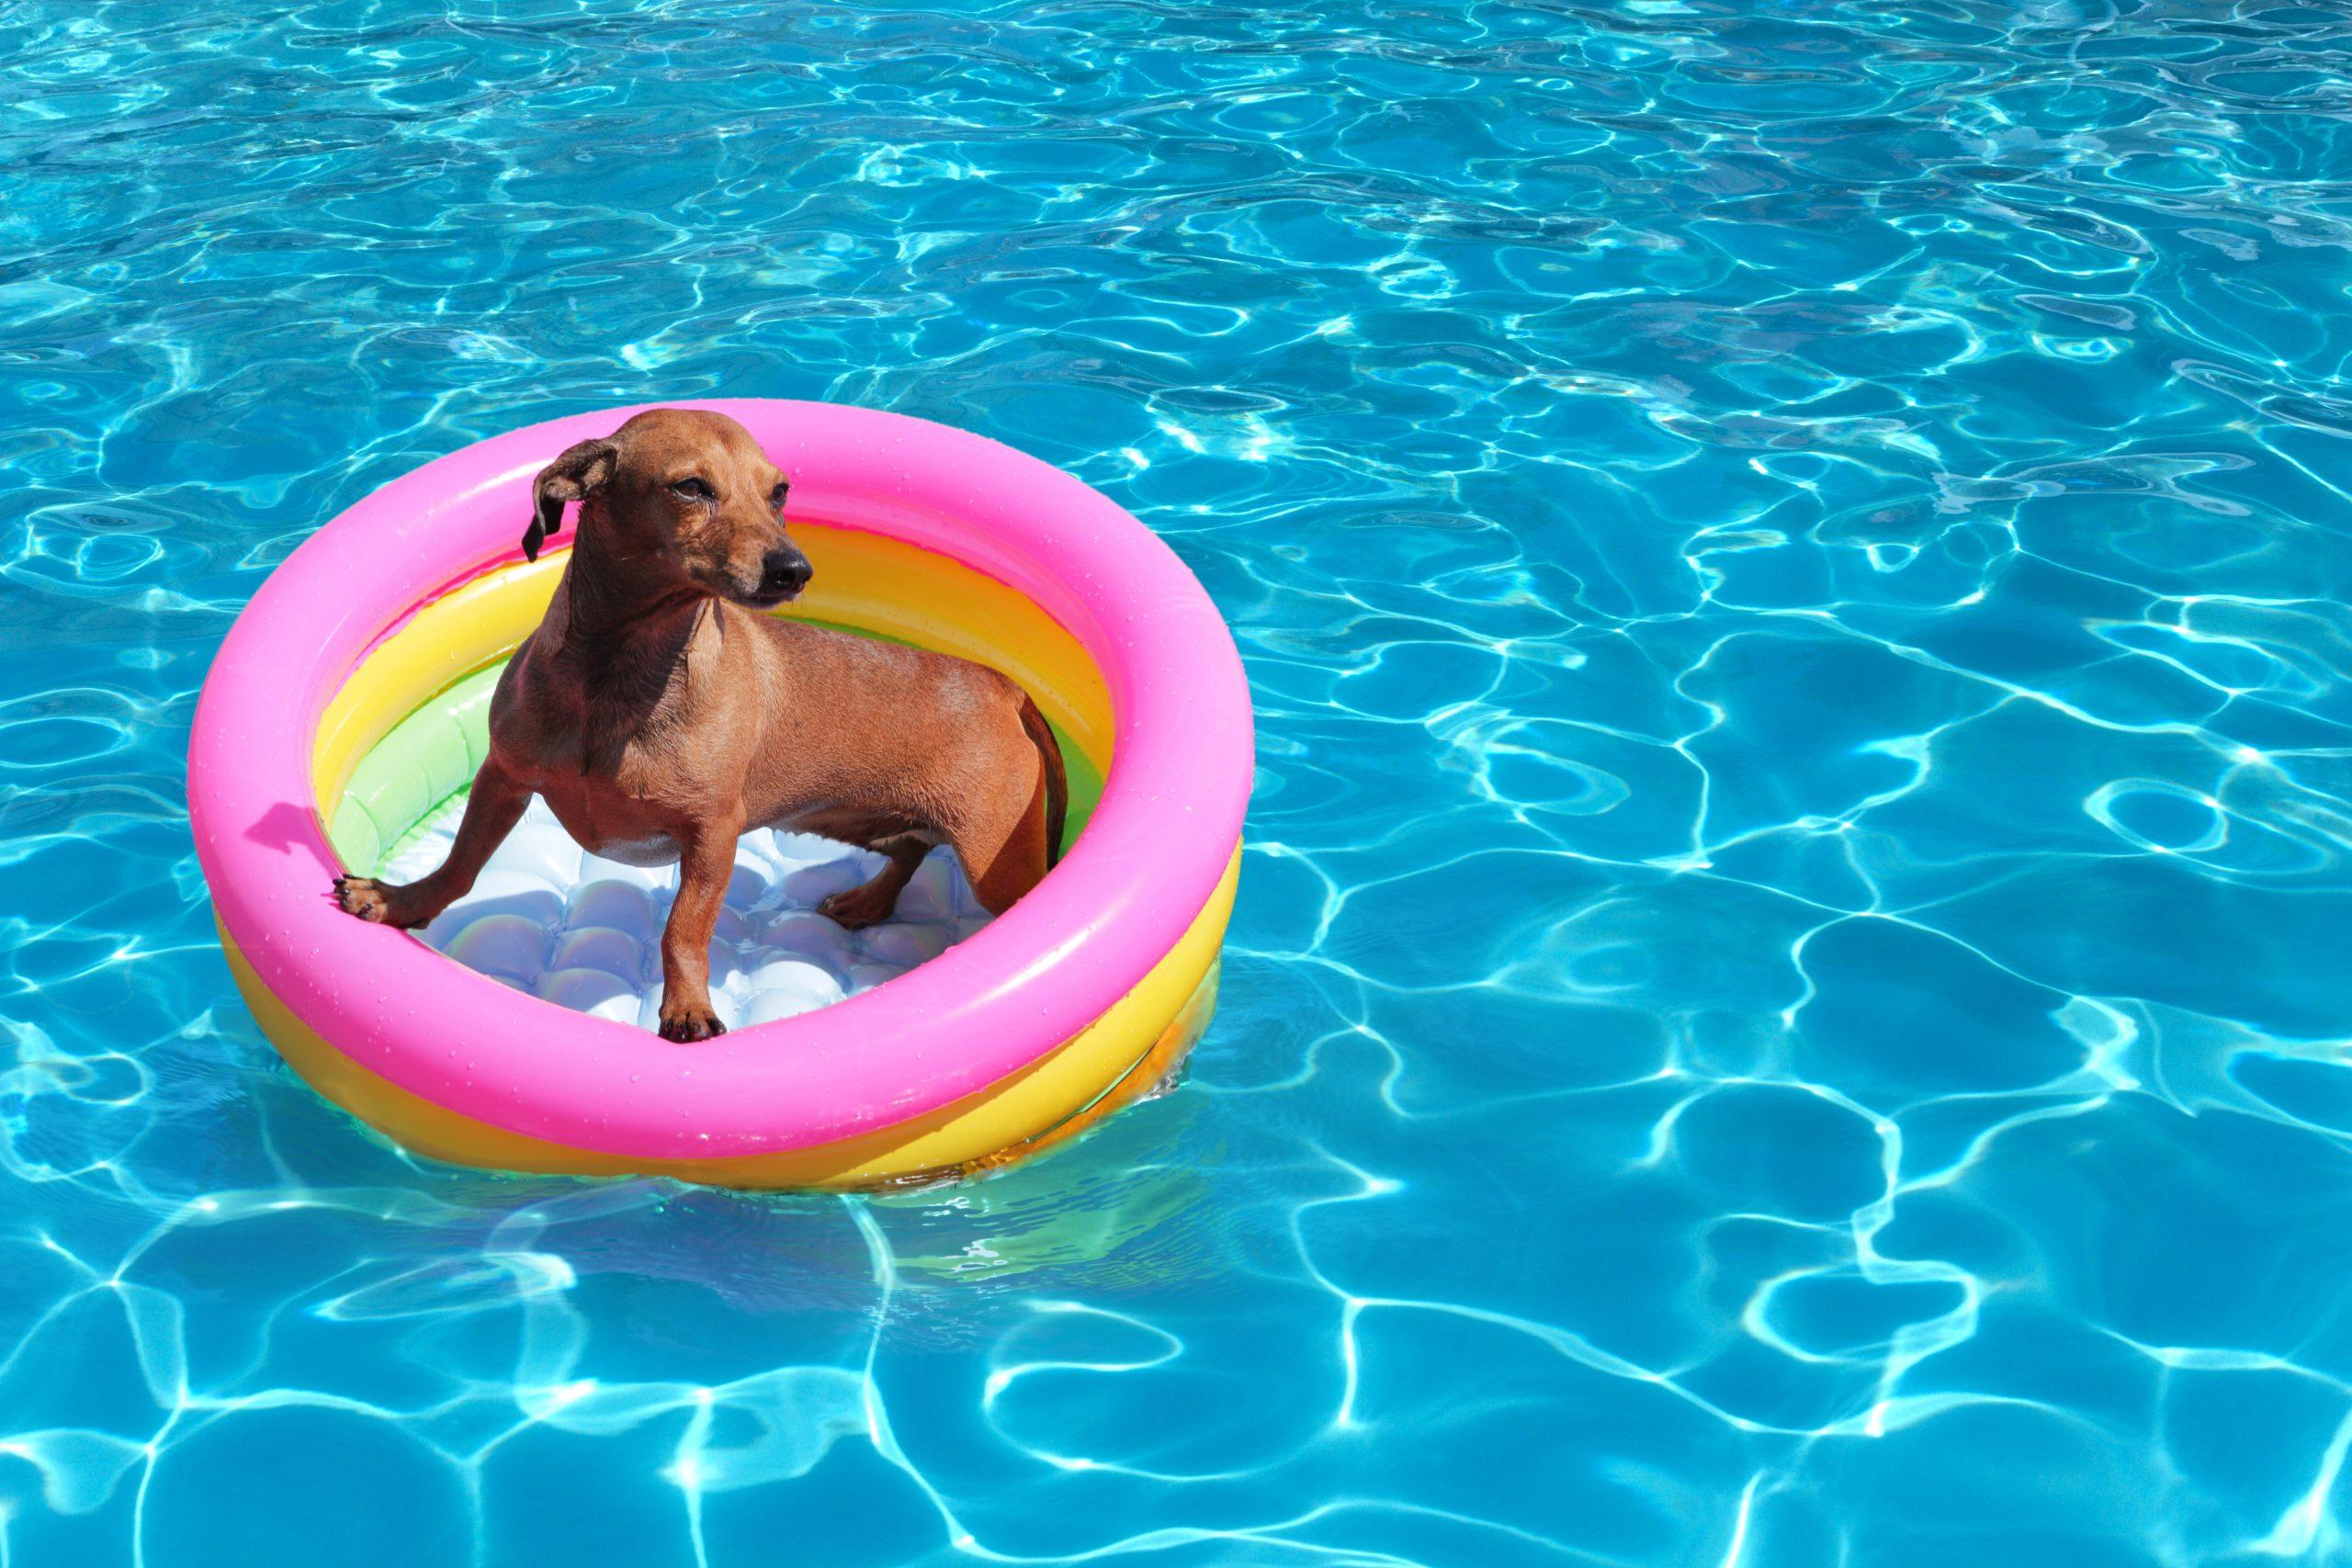 Un perro en una piscina de plástico